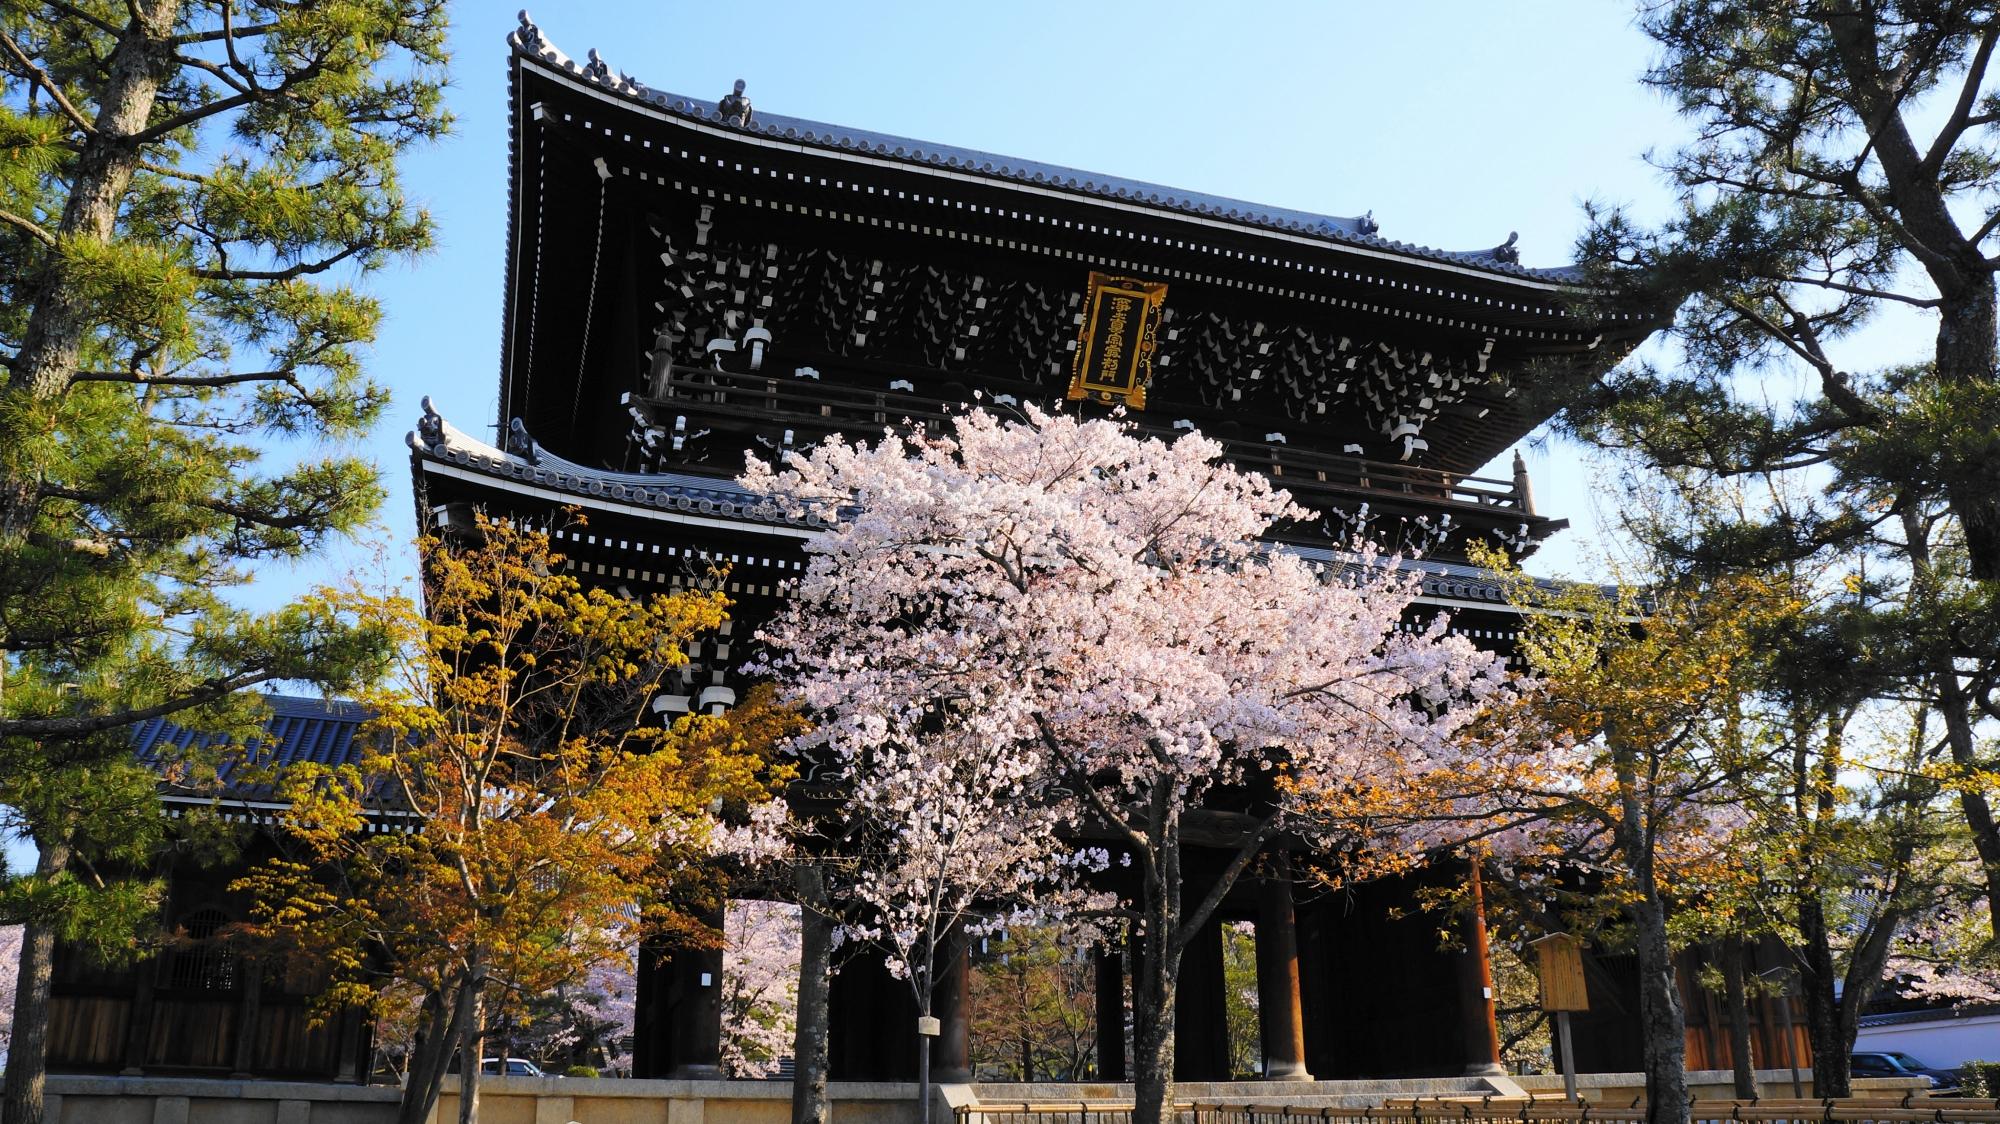 下から見上げた巨大な山門と桜